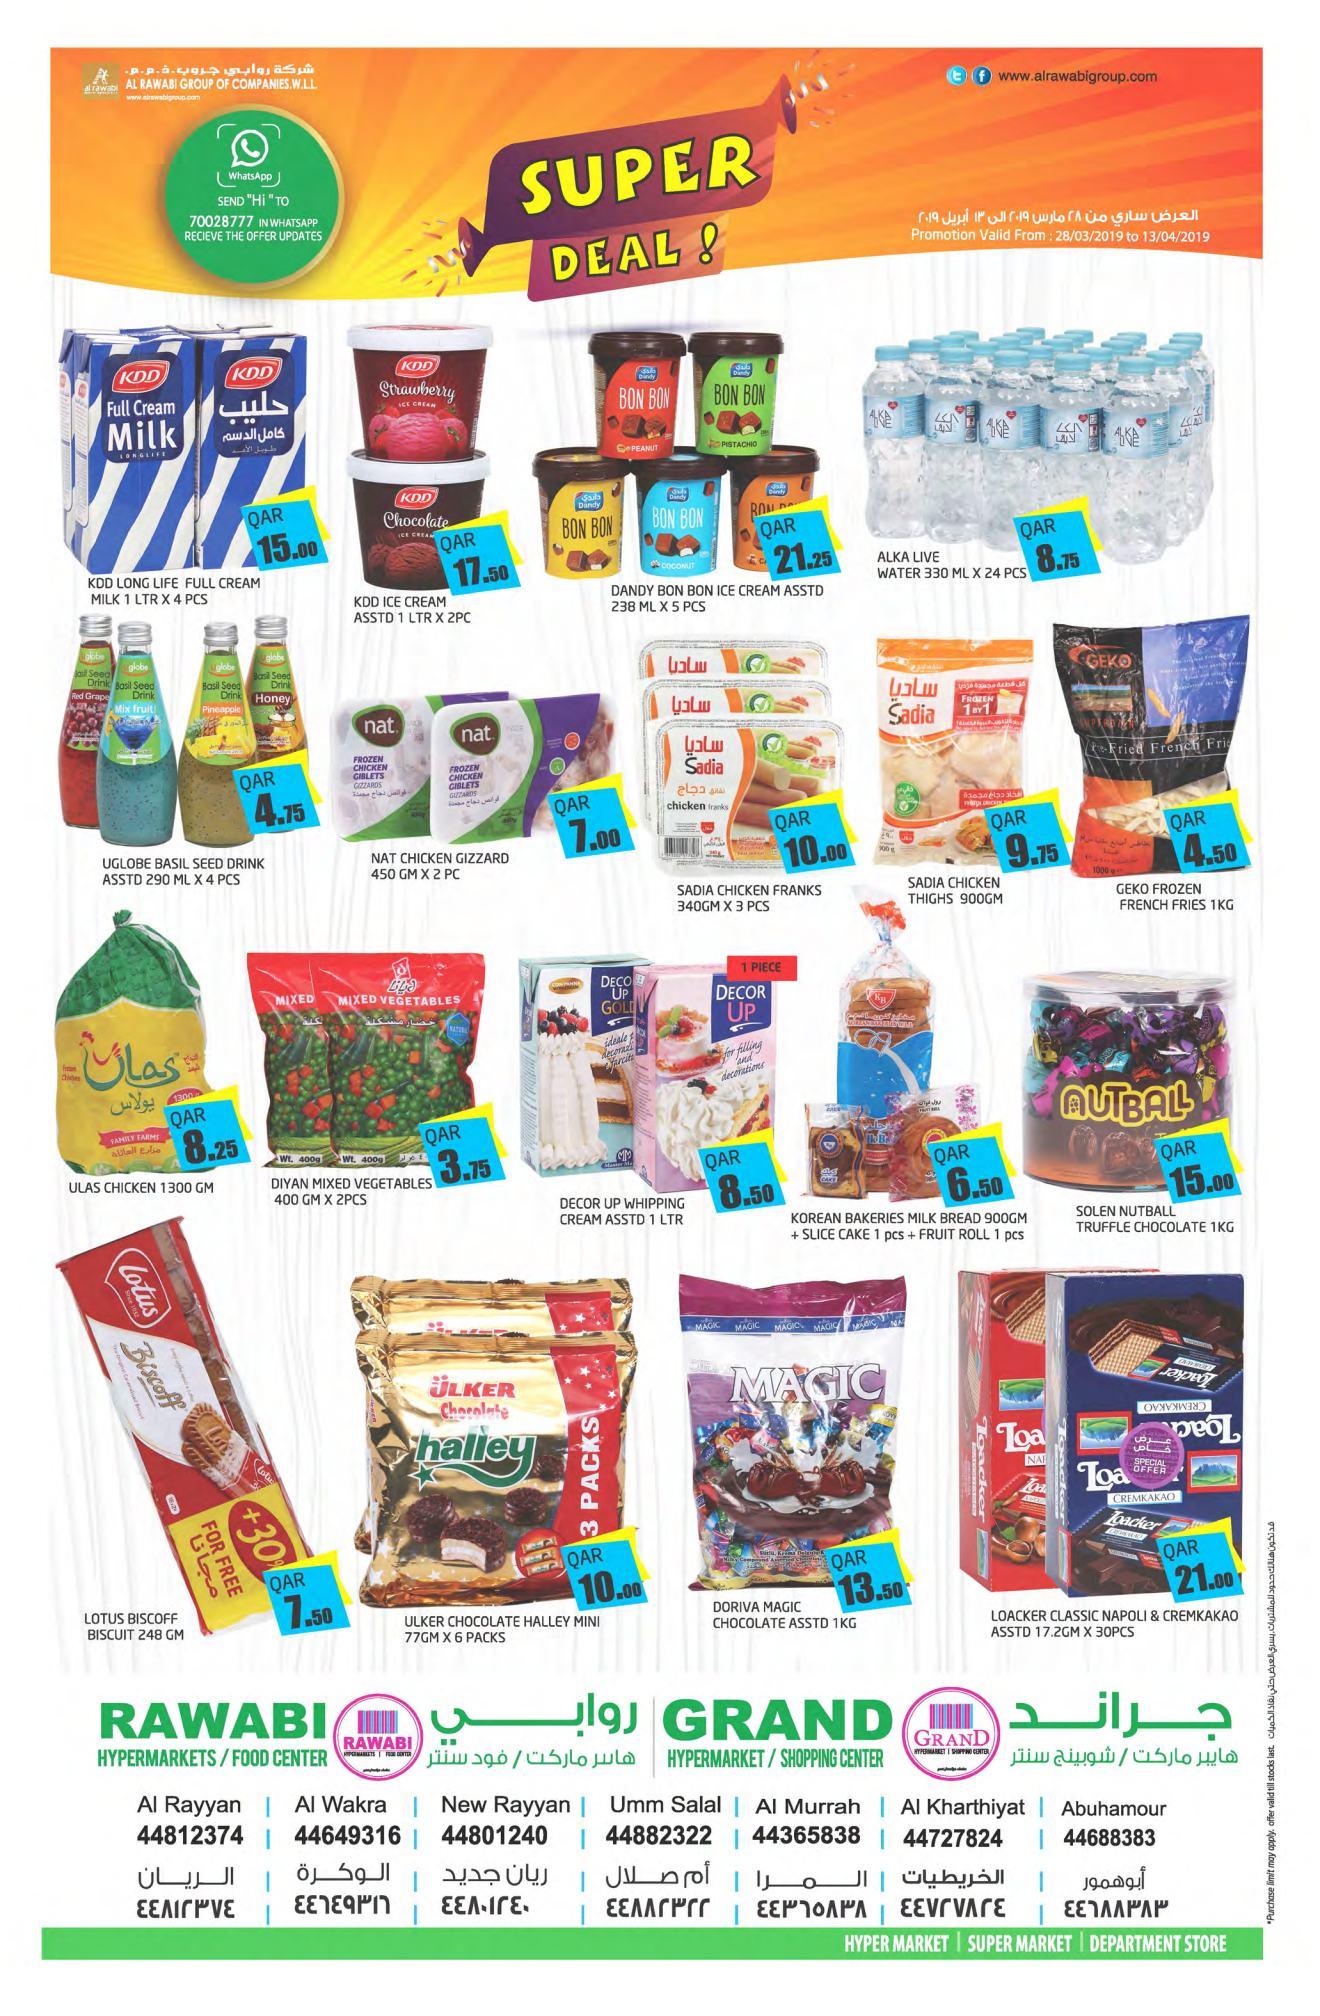 Al Rawabi Super Deal till 13-04